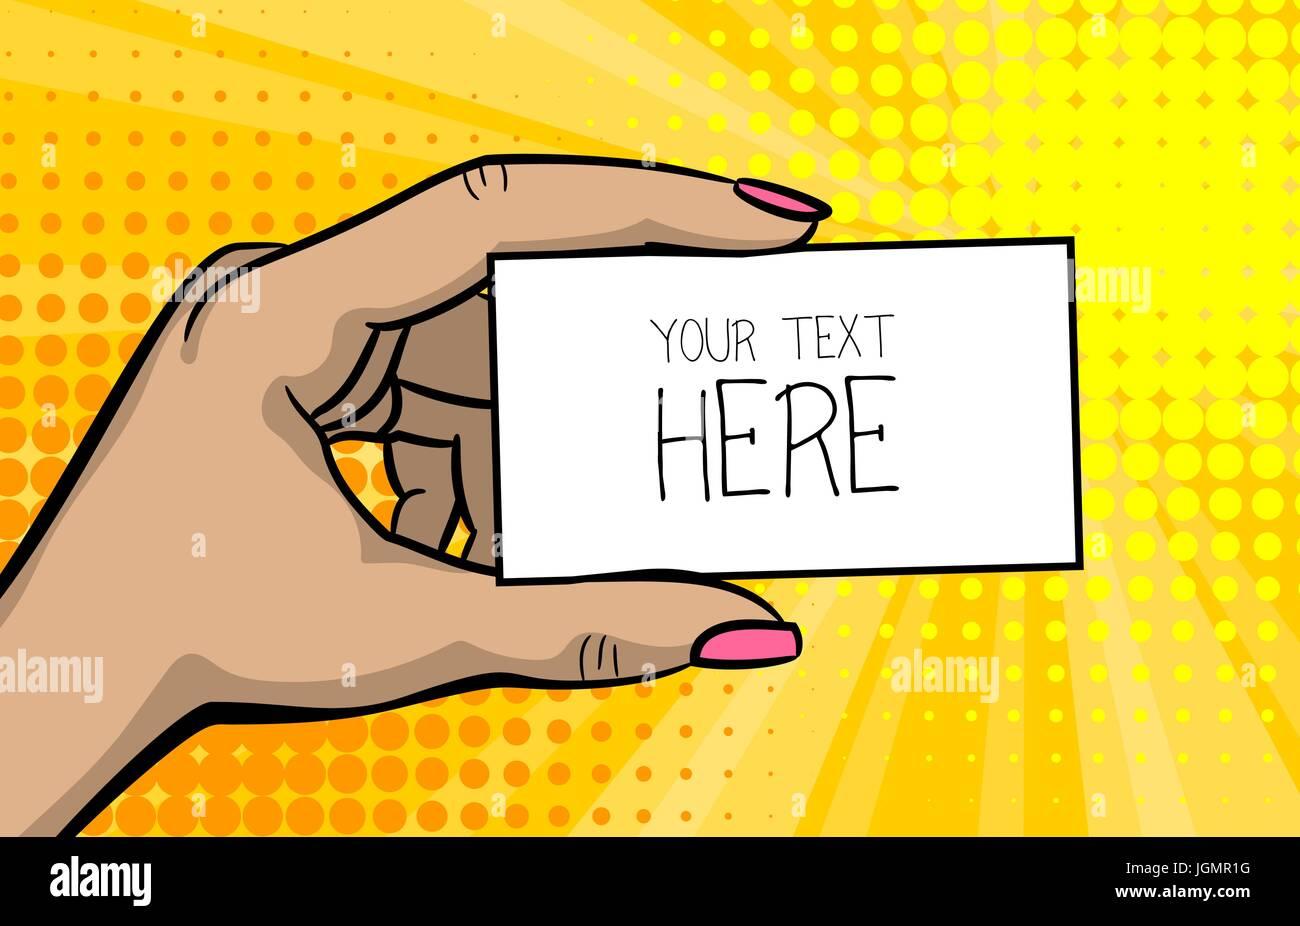 Pop art comic text business card girl woman hand stock vector art pop art comic text business card girl woman hand magicingreecefo Choice Image